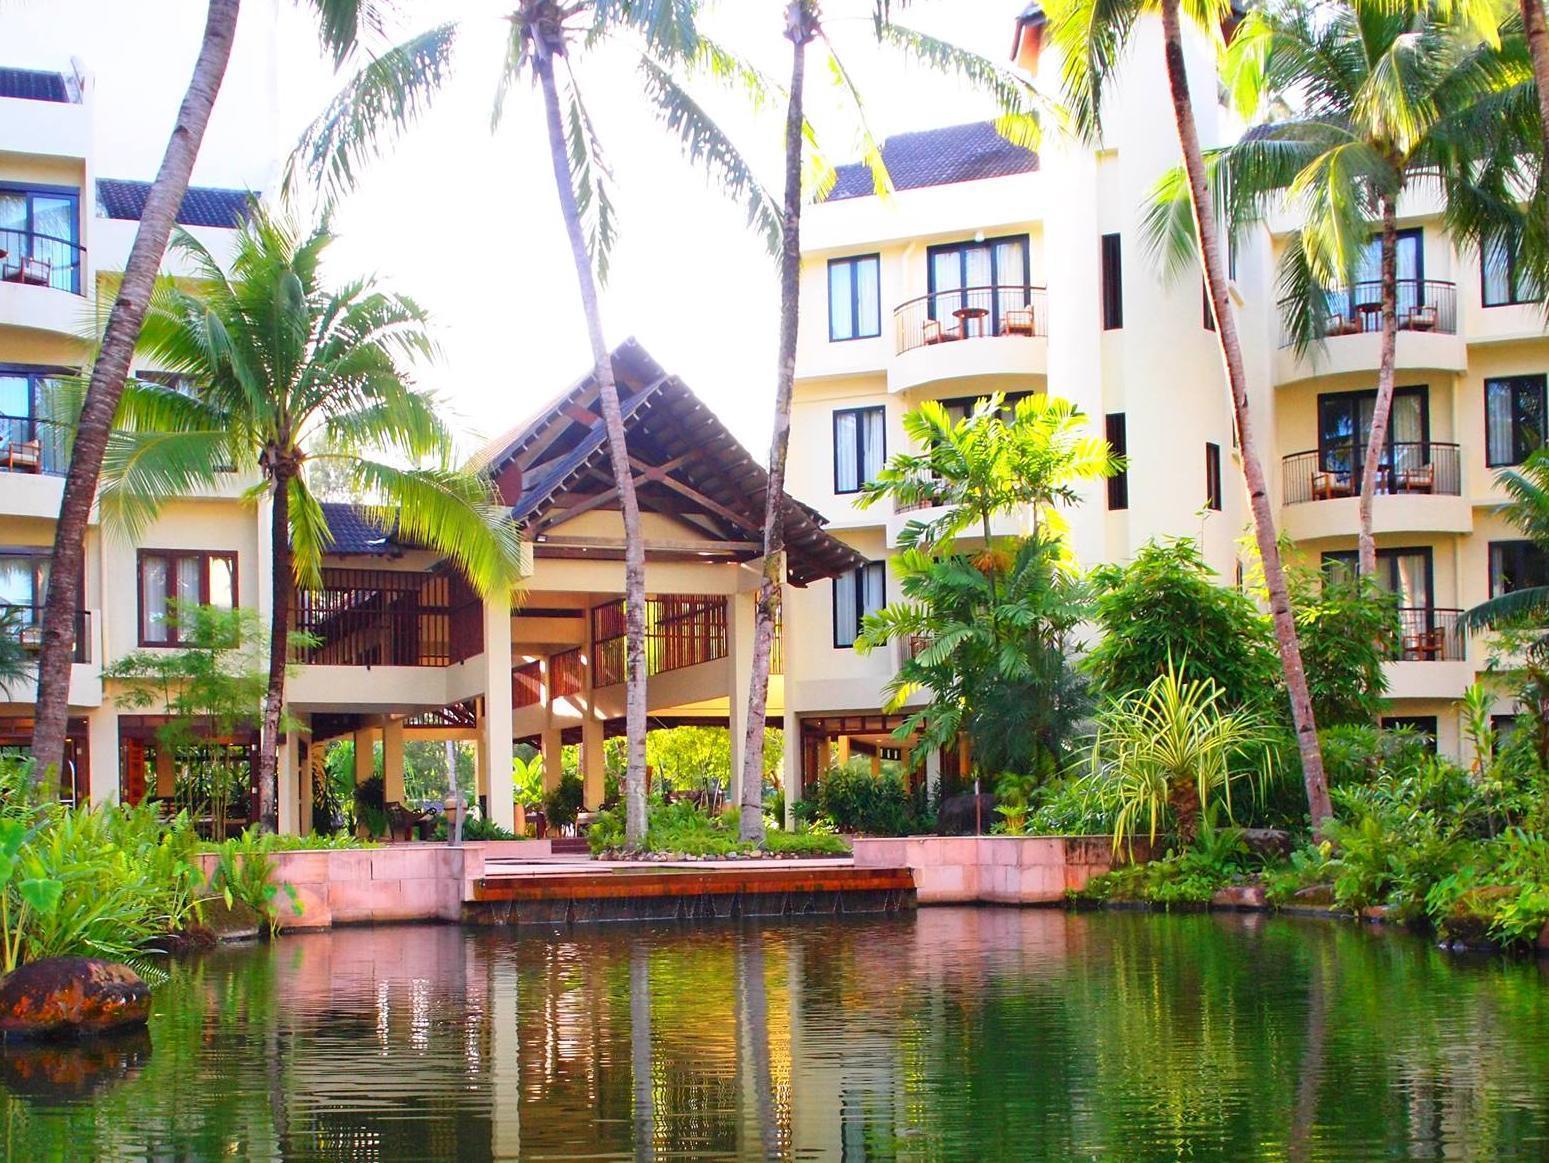 Tanjung rhu langkawi blog